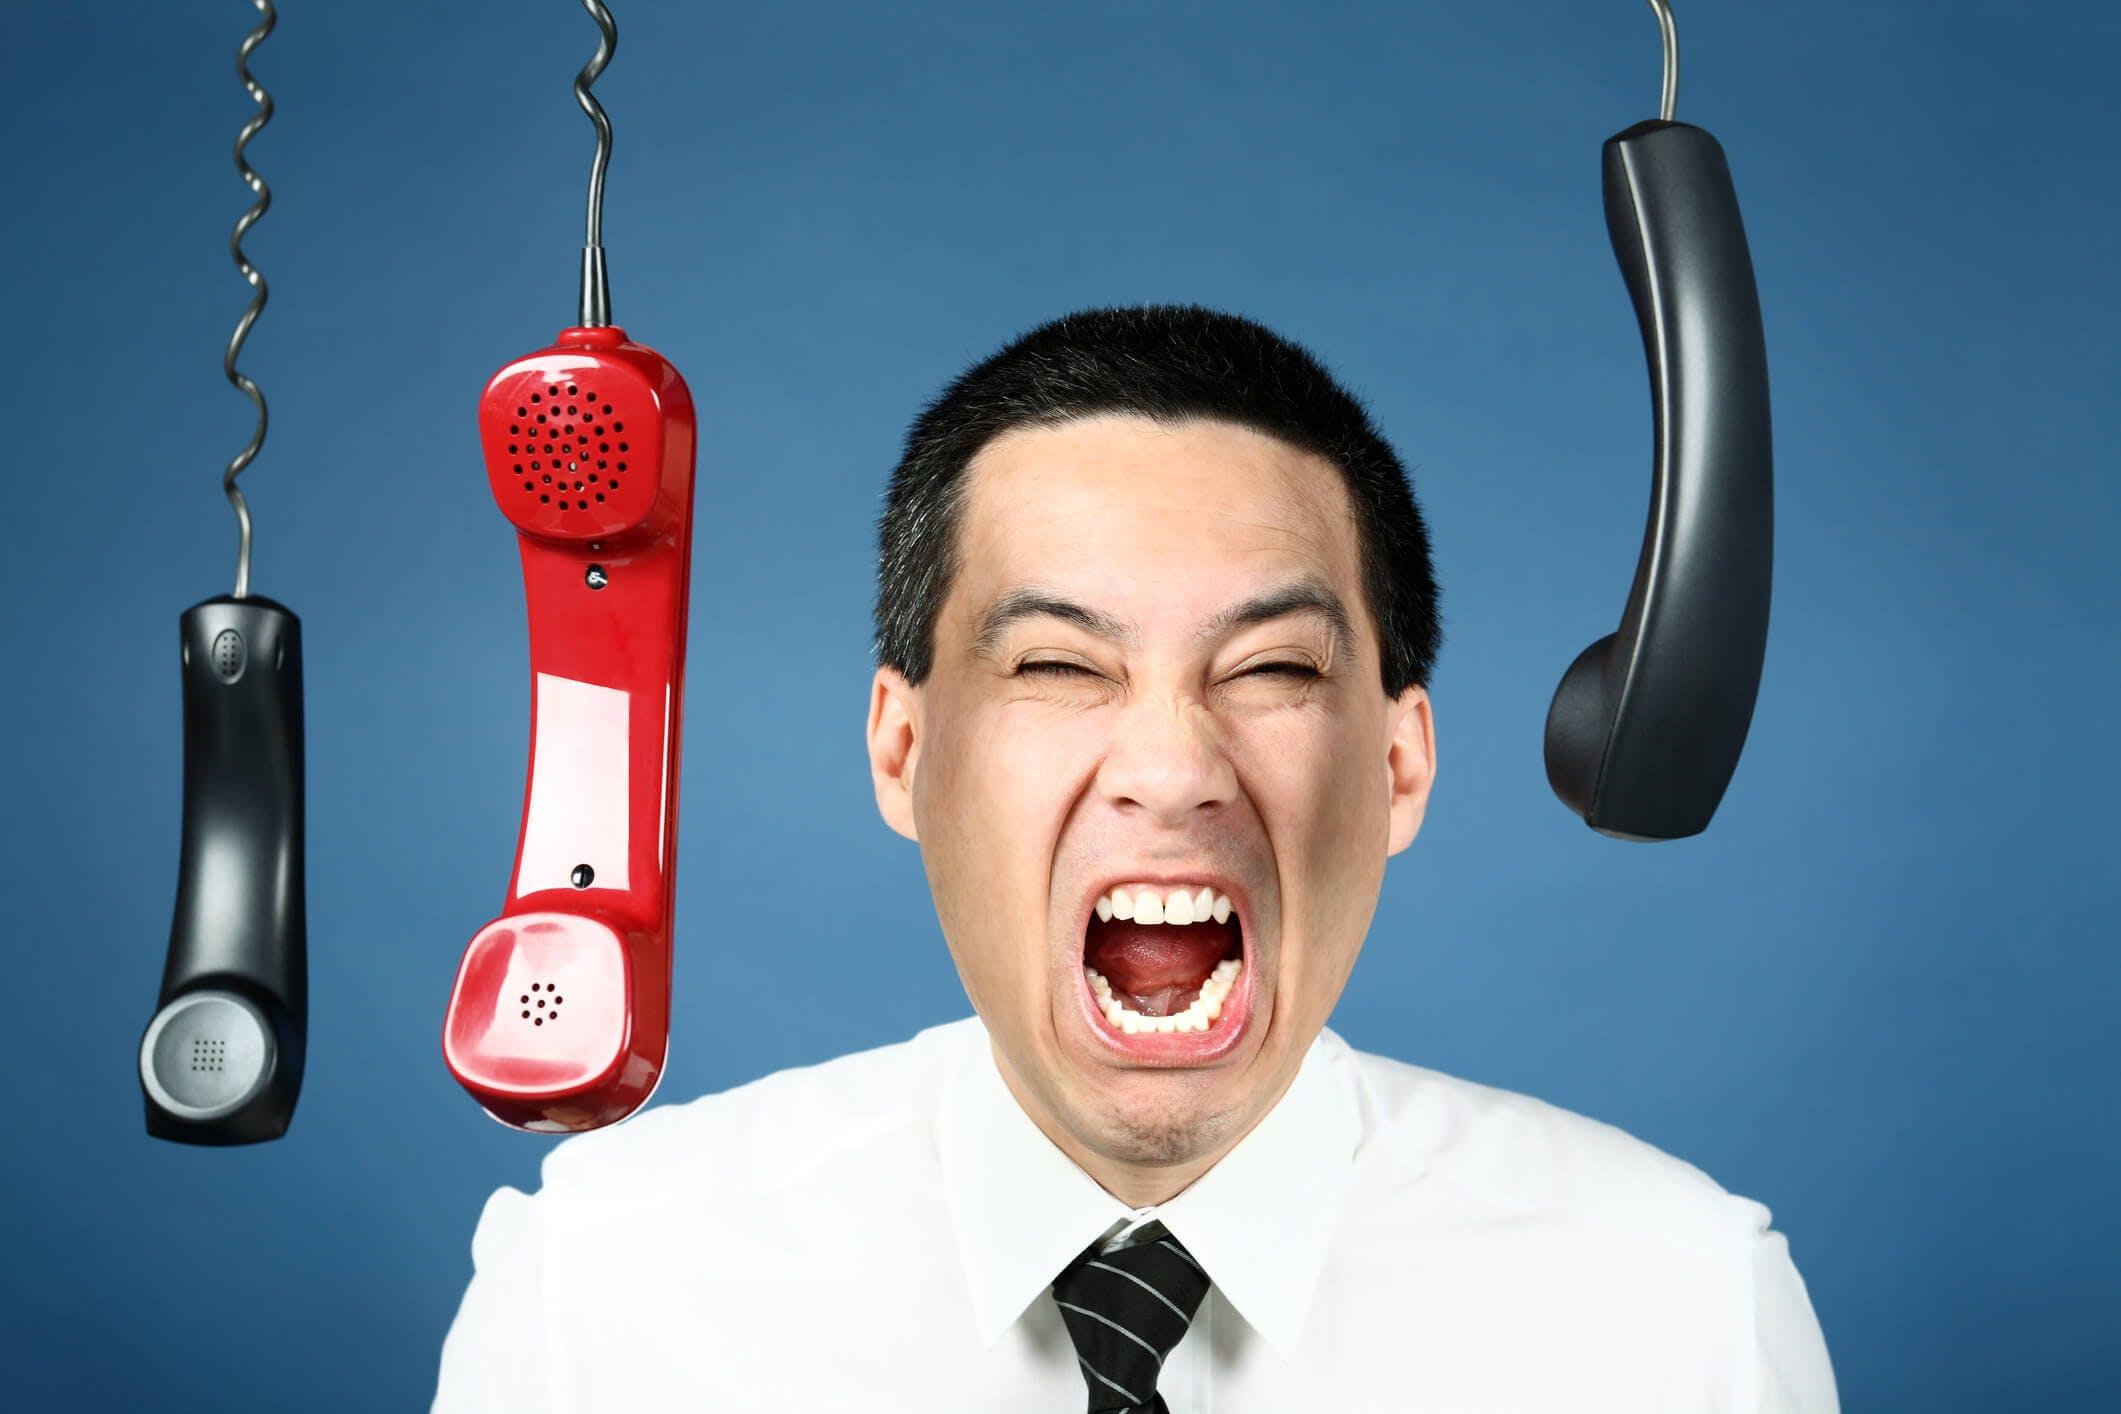 Titelbild-Telefone-Mann-Schrei-Wut-iStock-91004822-ManuWe